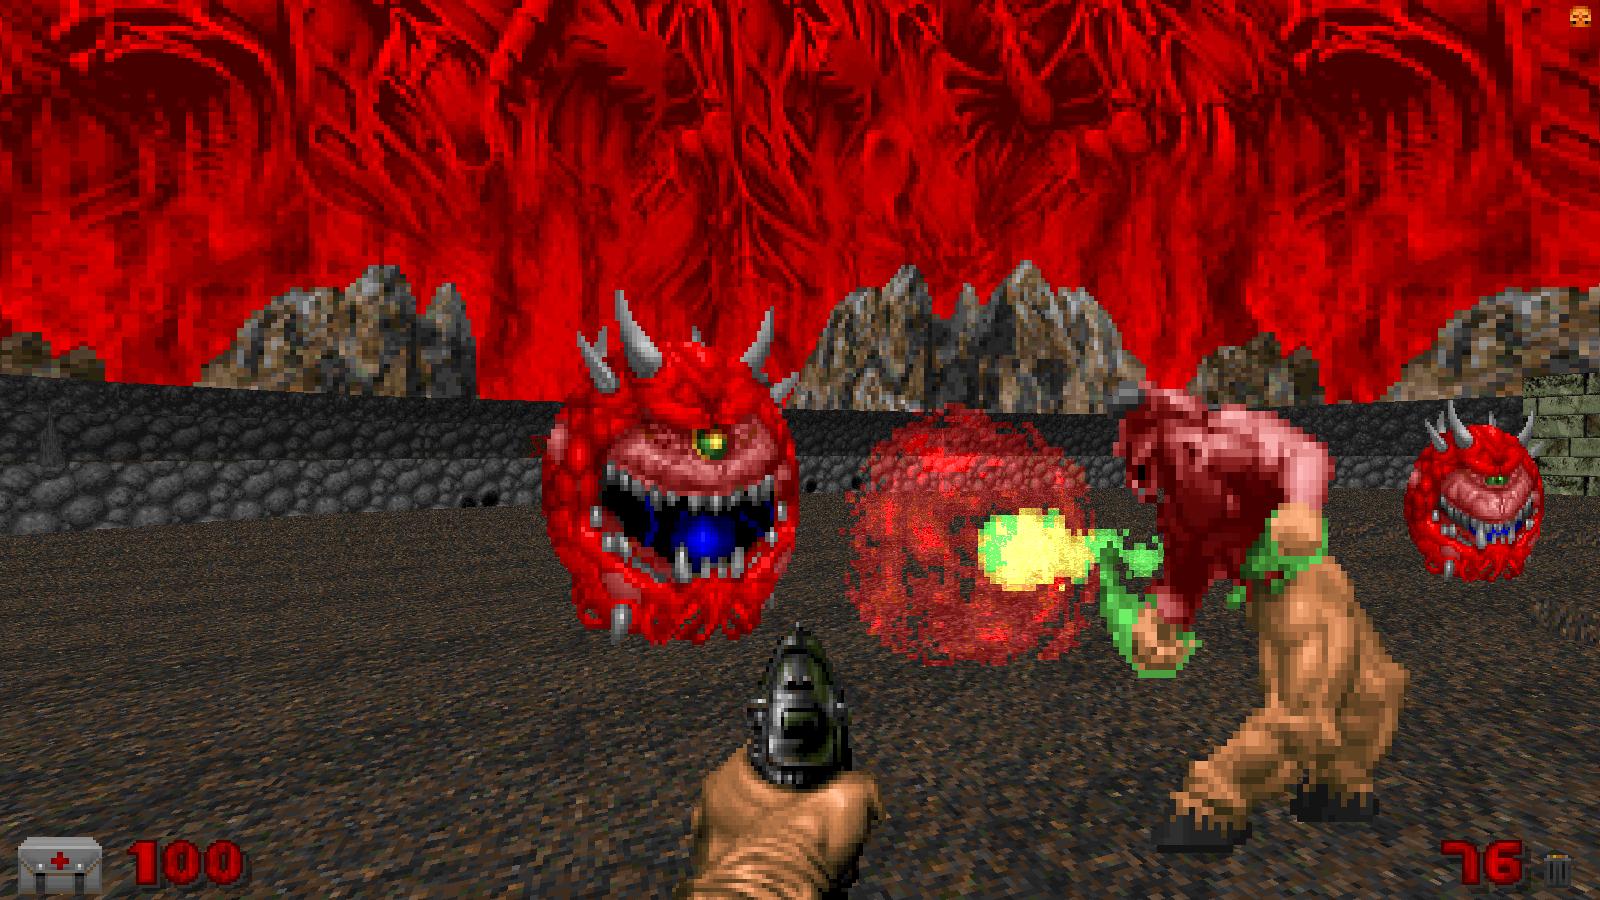 Screenshot_Doom_20190504_030730.png